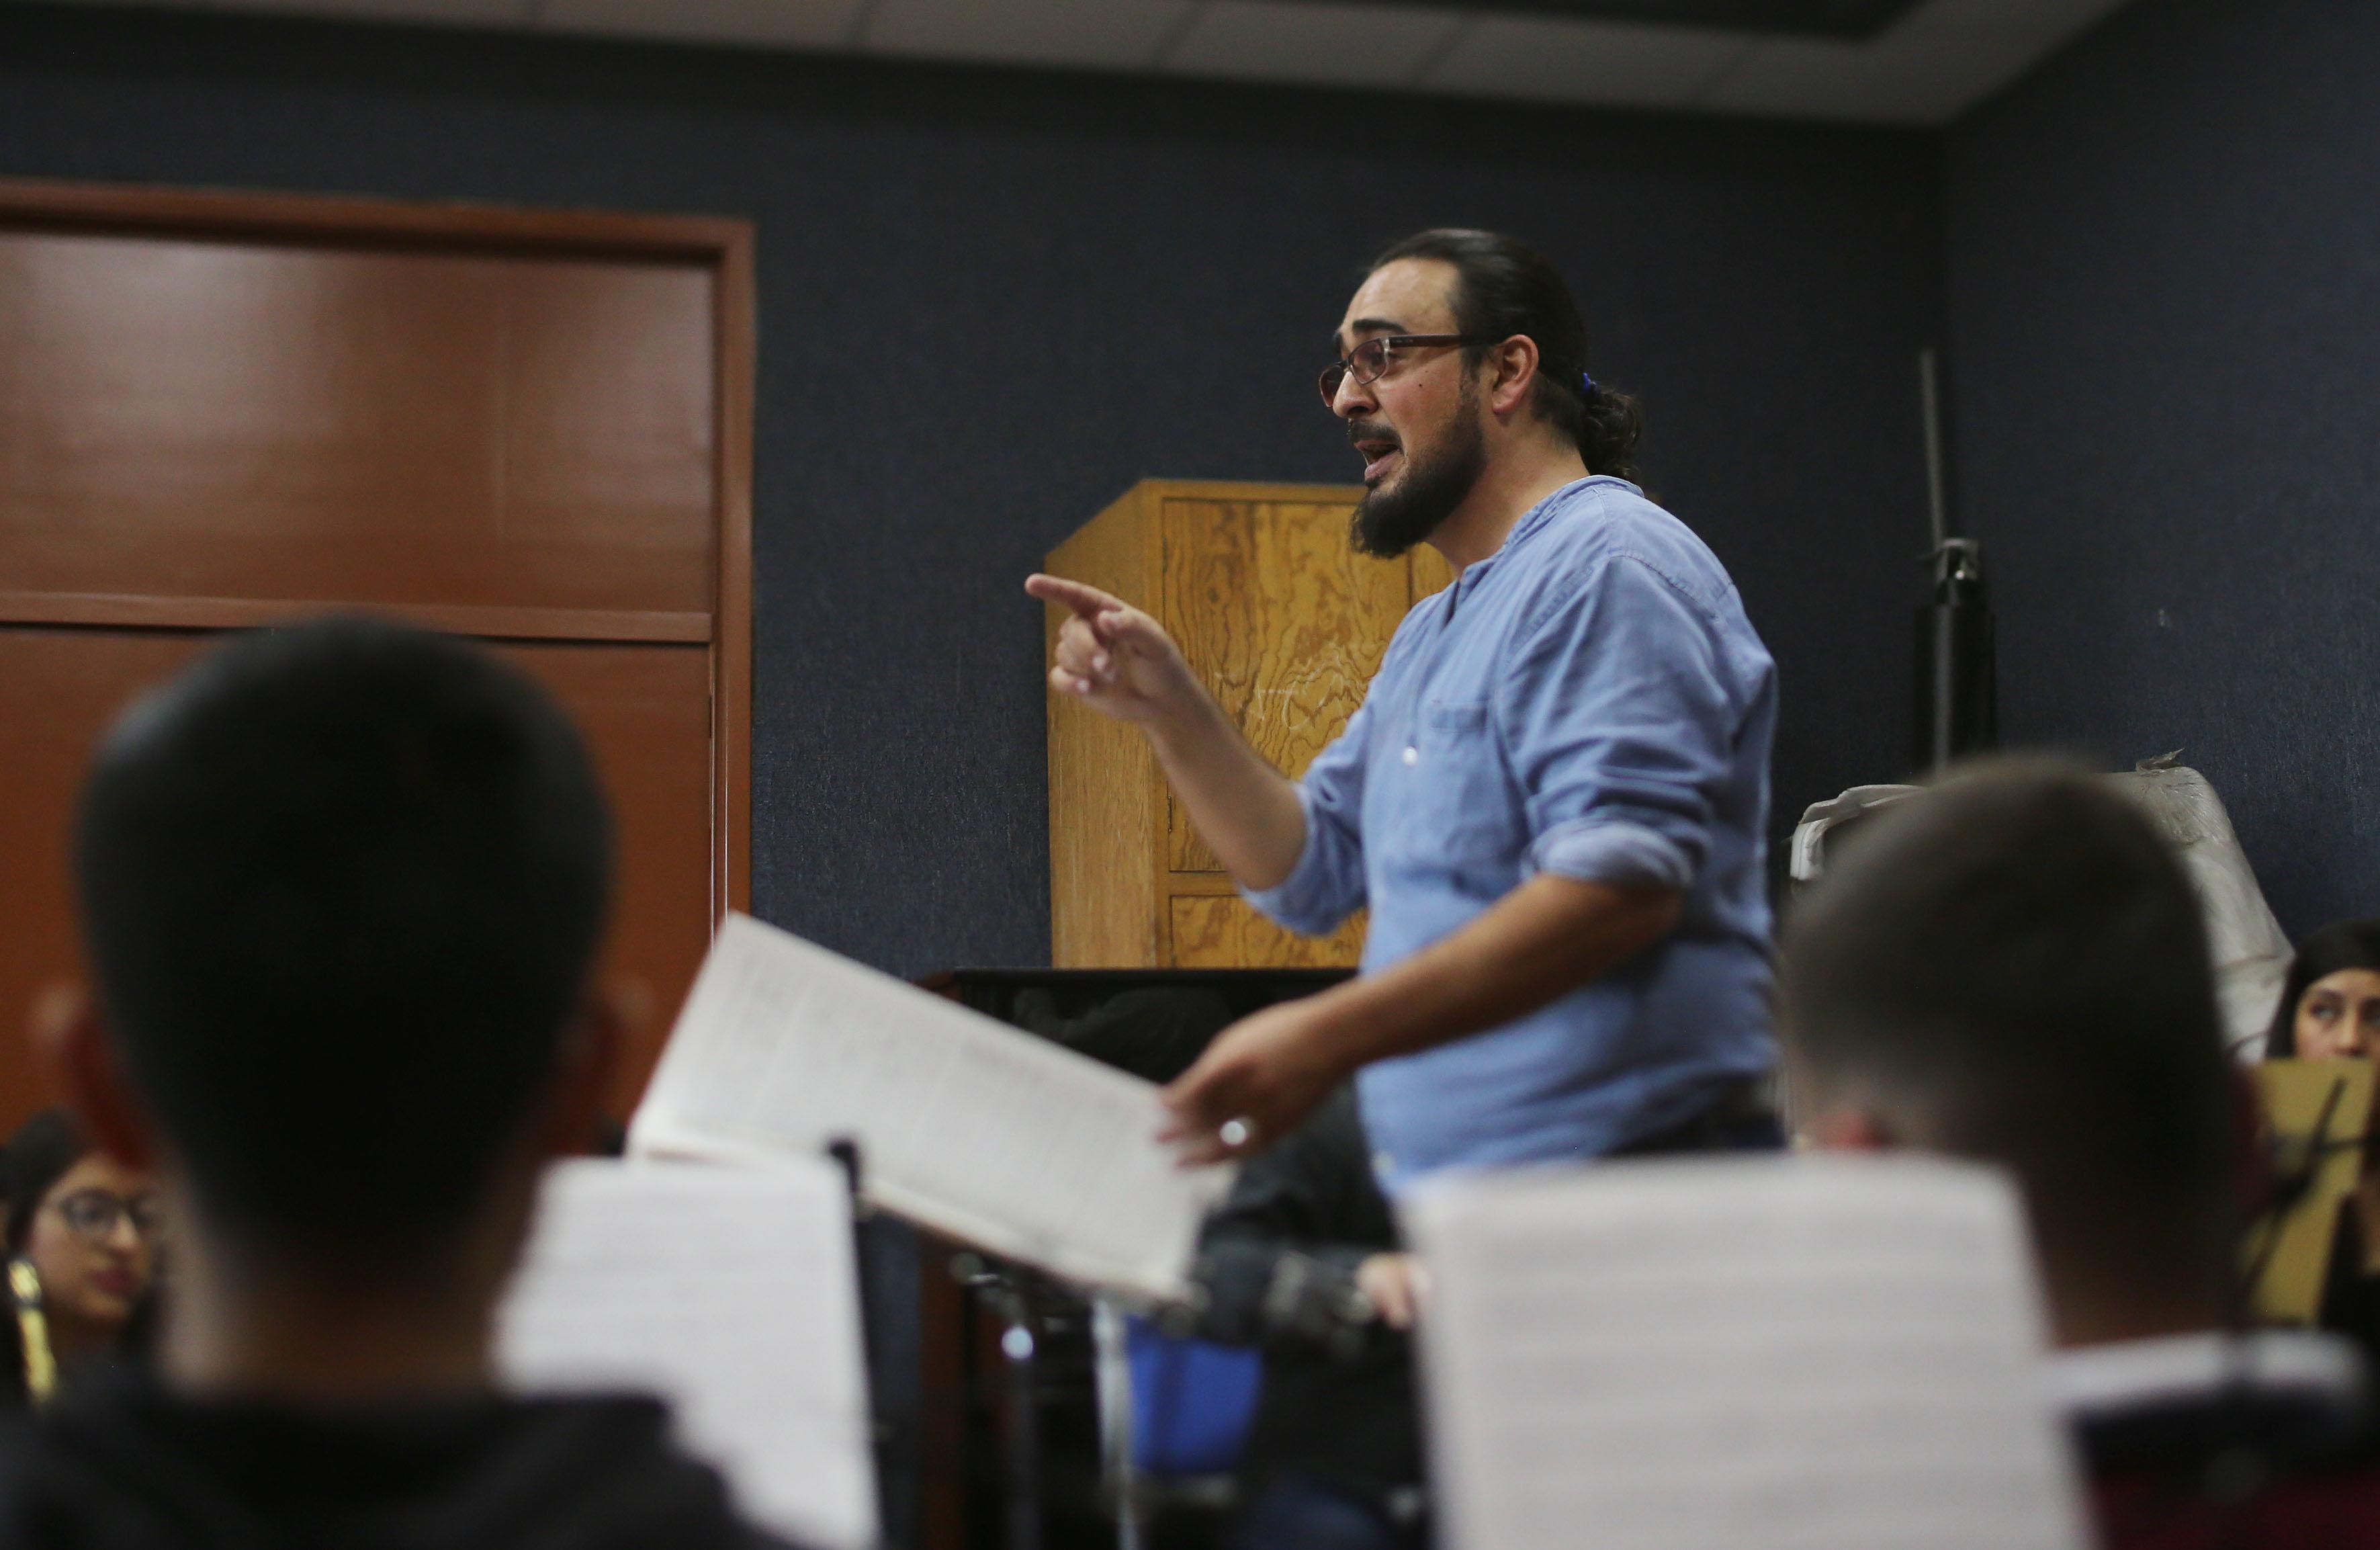 Director de la banda universitaria, maestro Tomas Gabriel Alemany Rosaleny, hablando con su grupo en ensayo.